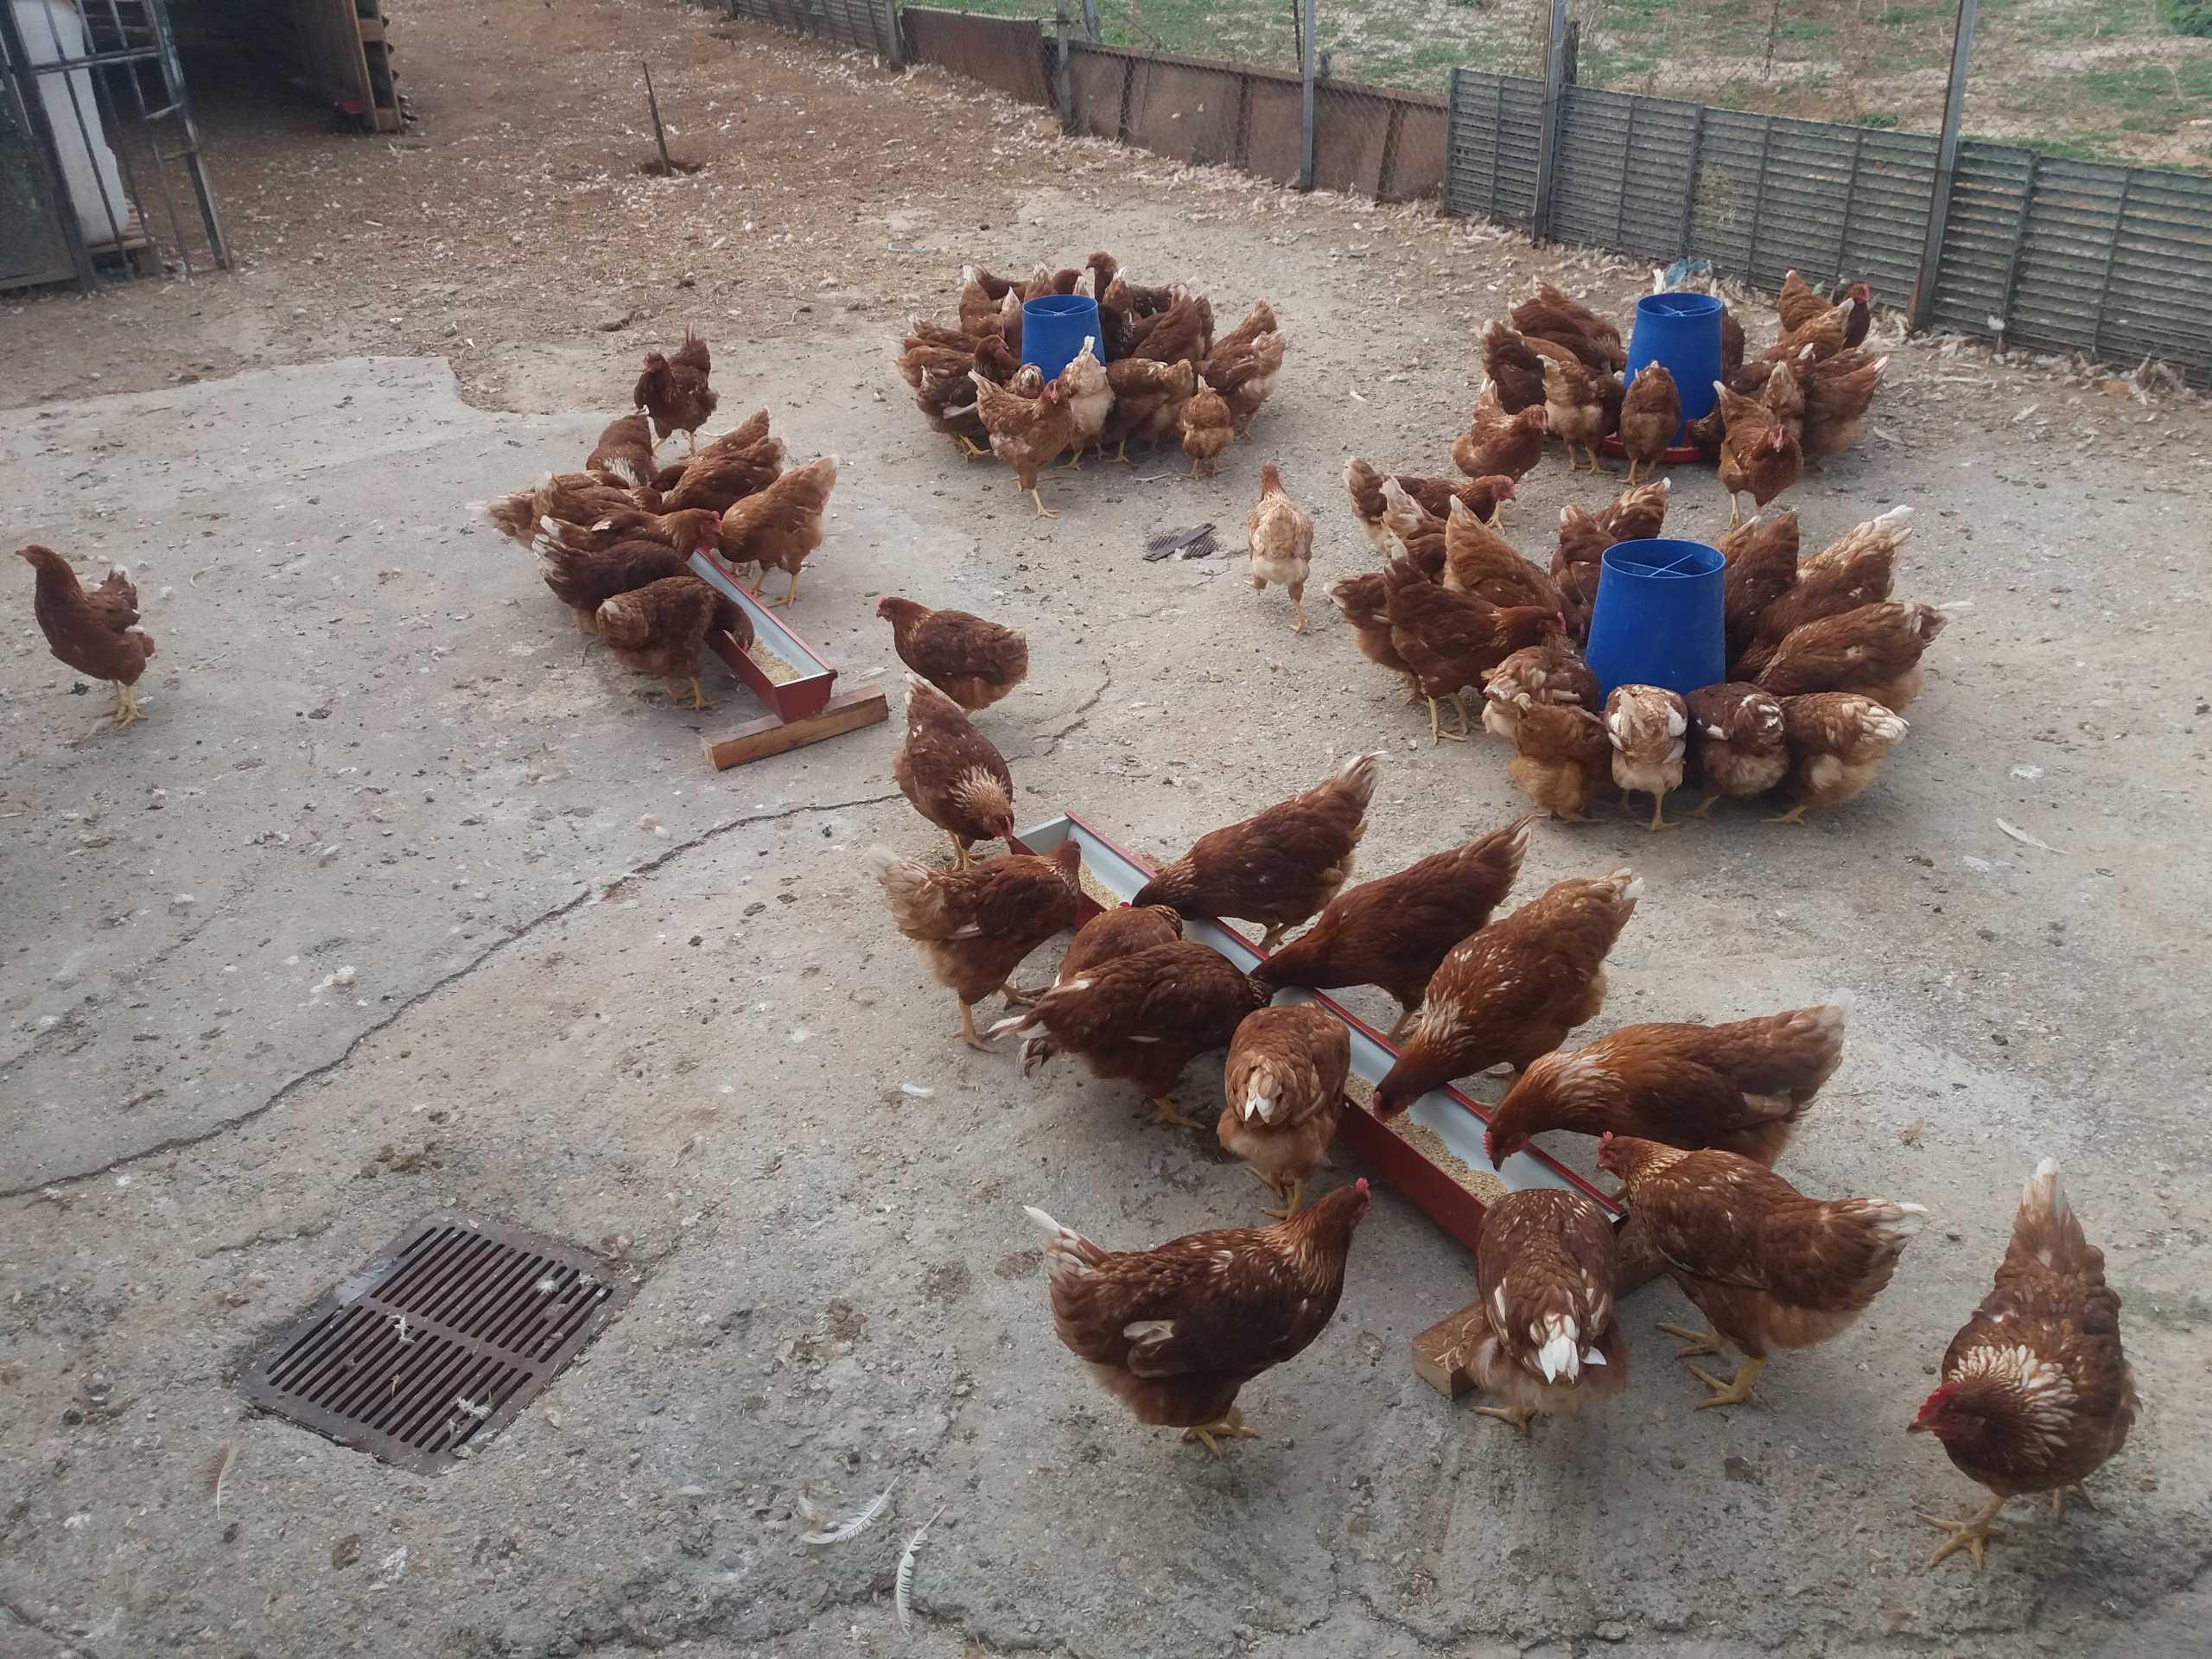 Σέρρες: Αυτές είναι οι κότες που γεννούν τα ποιοτικότερα αυγά – Η καινοτομία στην τροφή τους (pics)